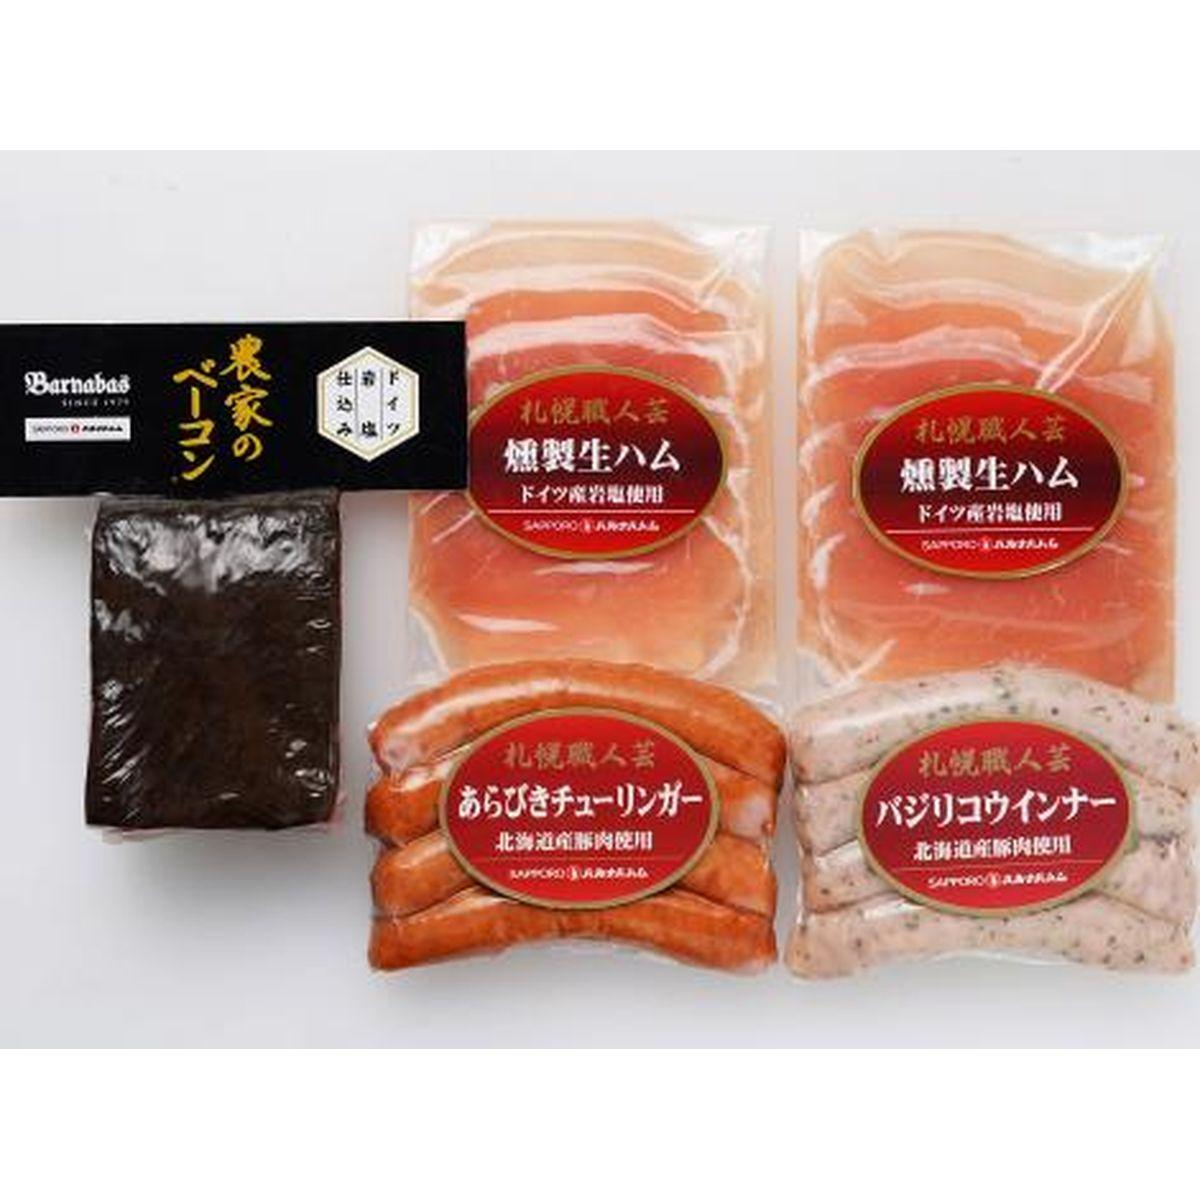 【送料無料】札幌バルナバフーズ 農家のベーコンセット(ベーコン・ウインナー(粗びき)・ソーセージ(バジリコ)・燻製生ハムの4種セット)